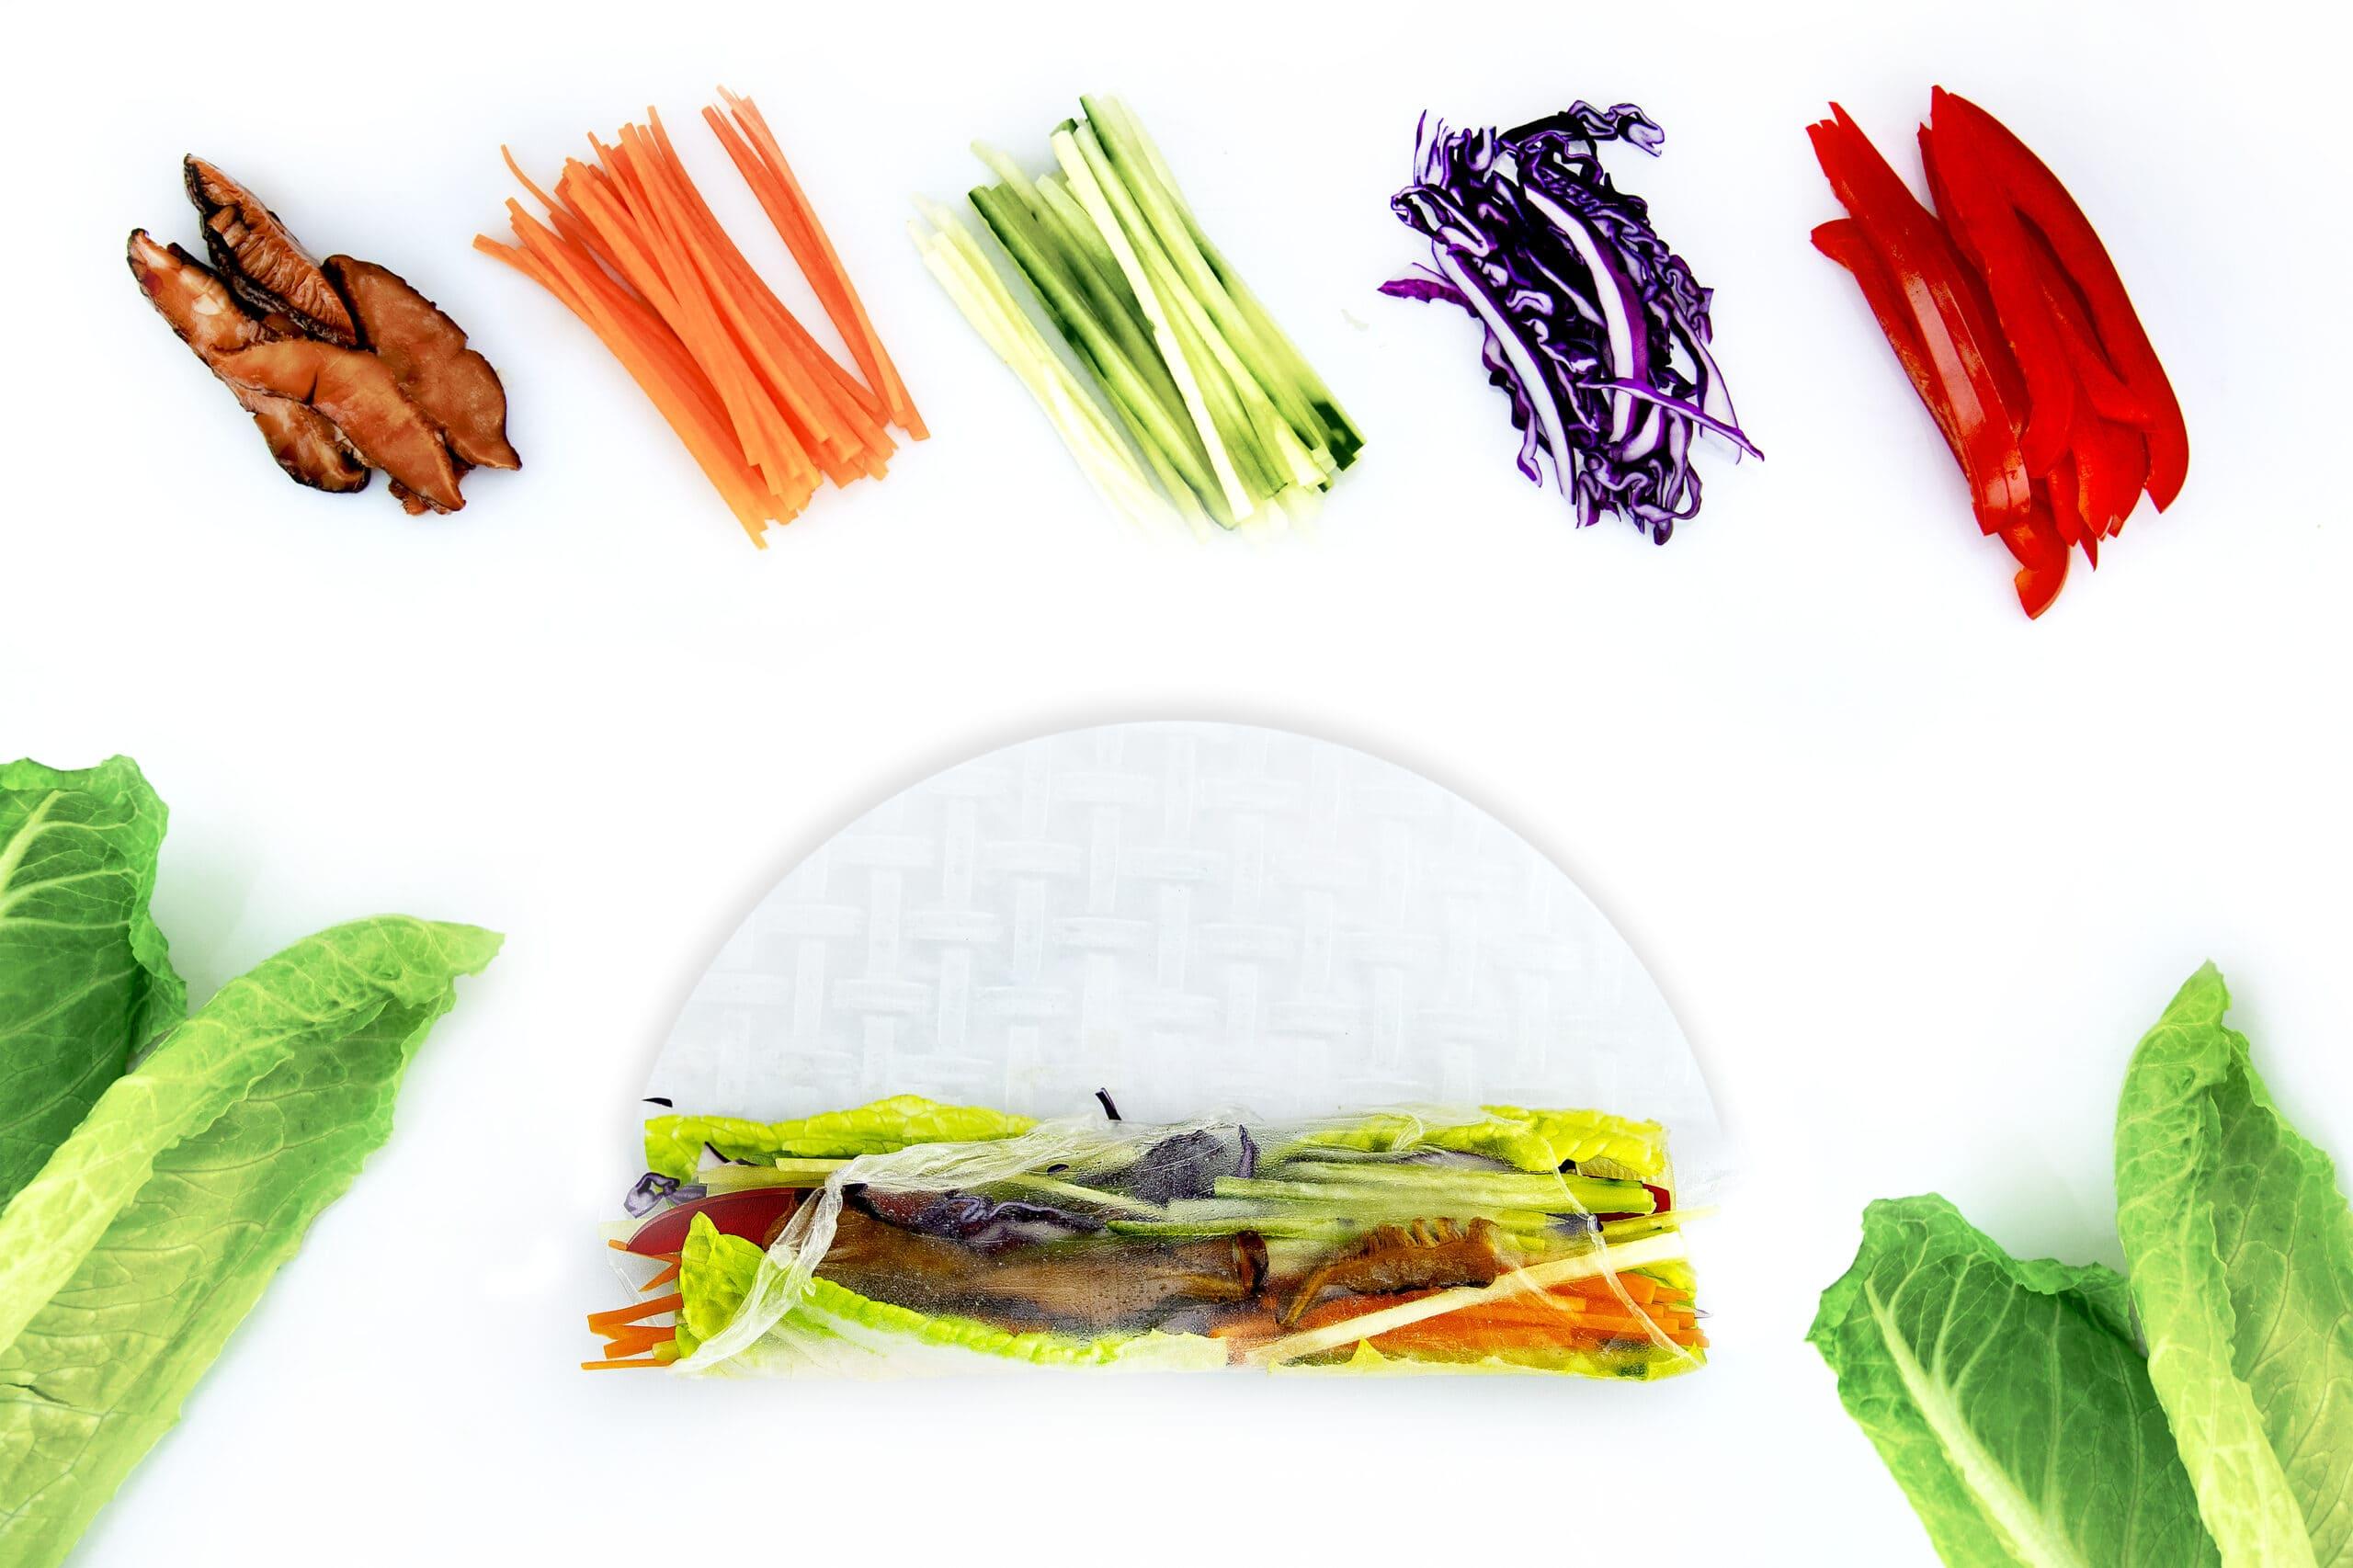 Інгредієнти для спрінг-роли з овочами в рисовому папері